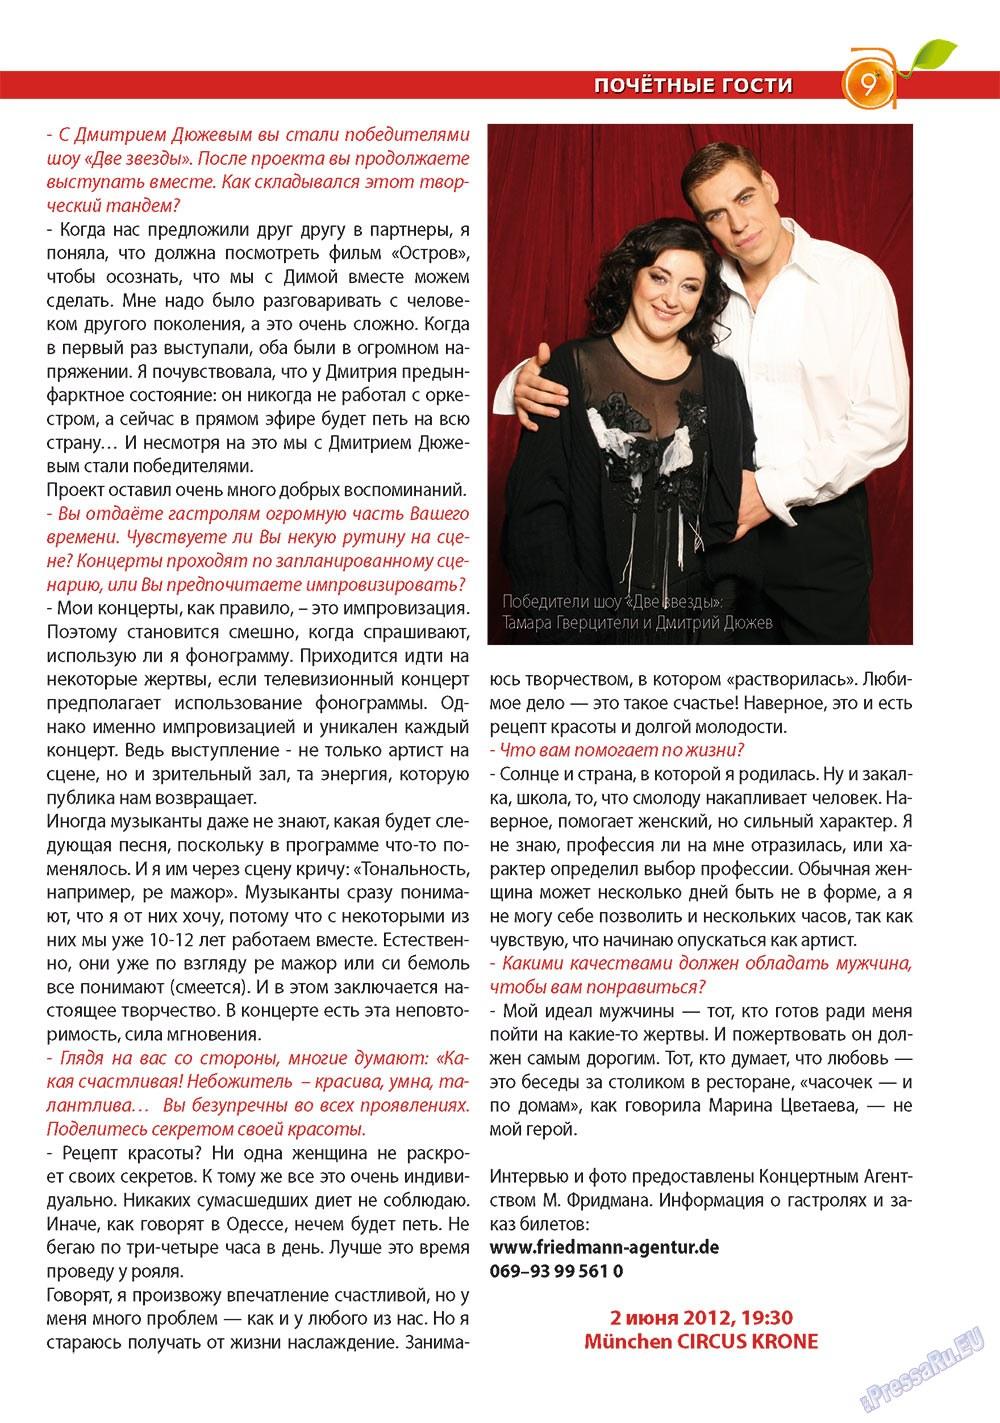 Апельсин (журнал). 2012 год, номер 34, стр. 9